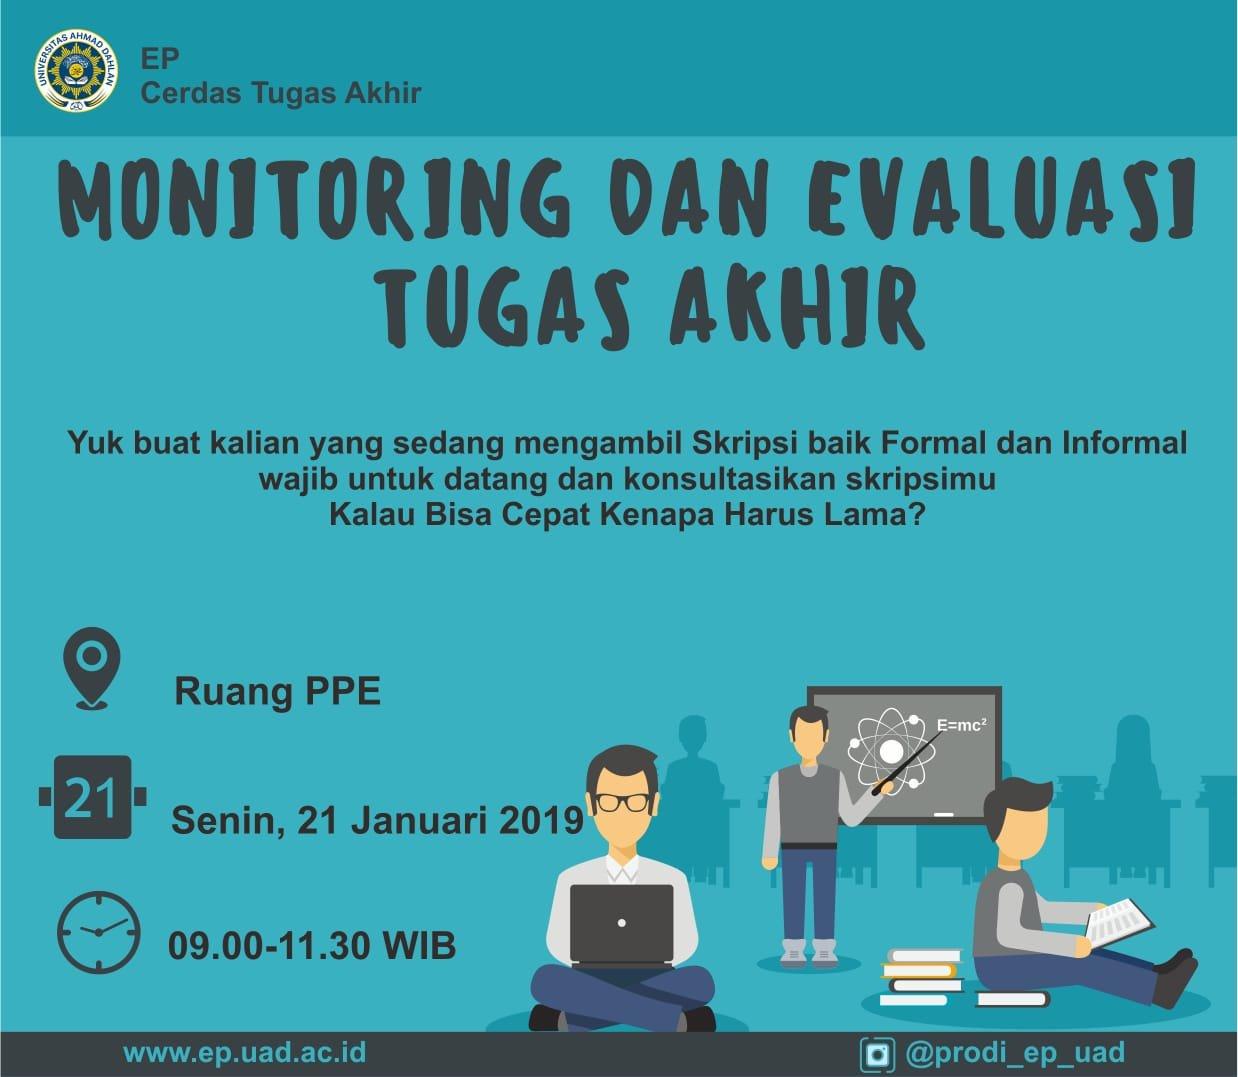 Monitoring dan Evaluasi Tugas Akhir Semester Gasal 2018/2019